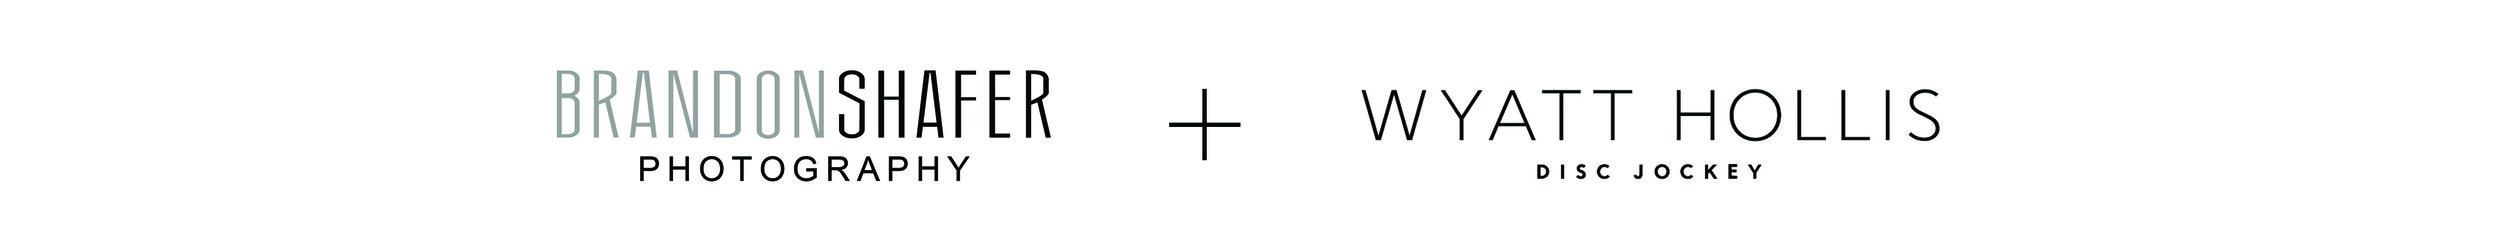 WebsizedLogos.jpg